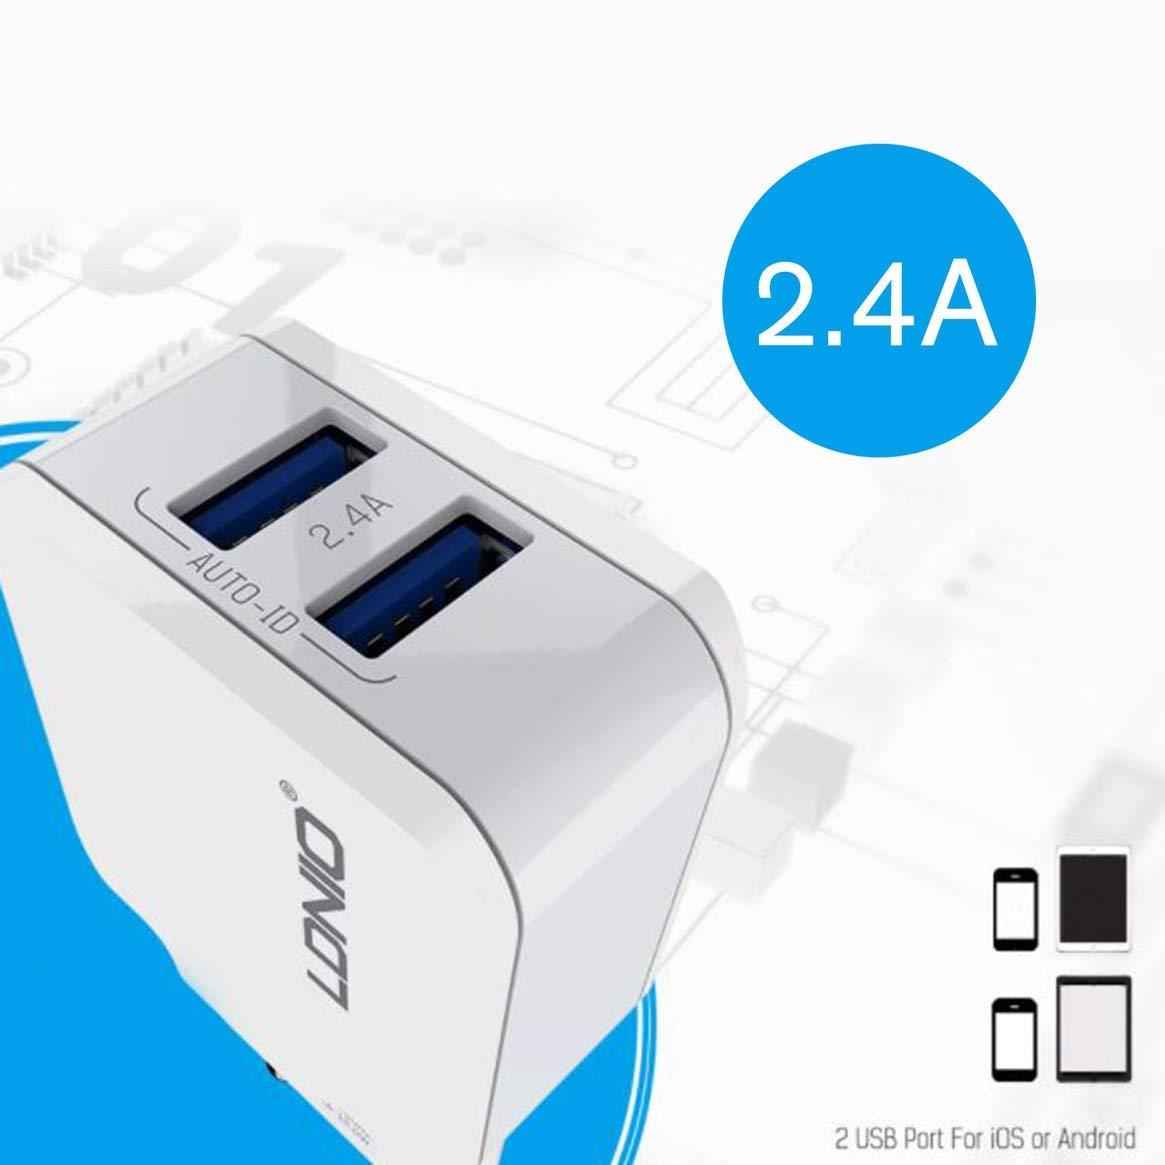 1c909cb77b8 Caricabatterie per auto Blanco Delicacydex A4403 Cuatro puertos USB cargador  de cabeza rápida 4.4A Cargador ...